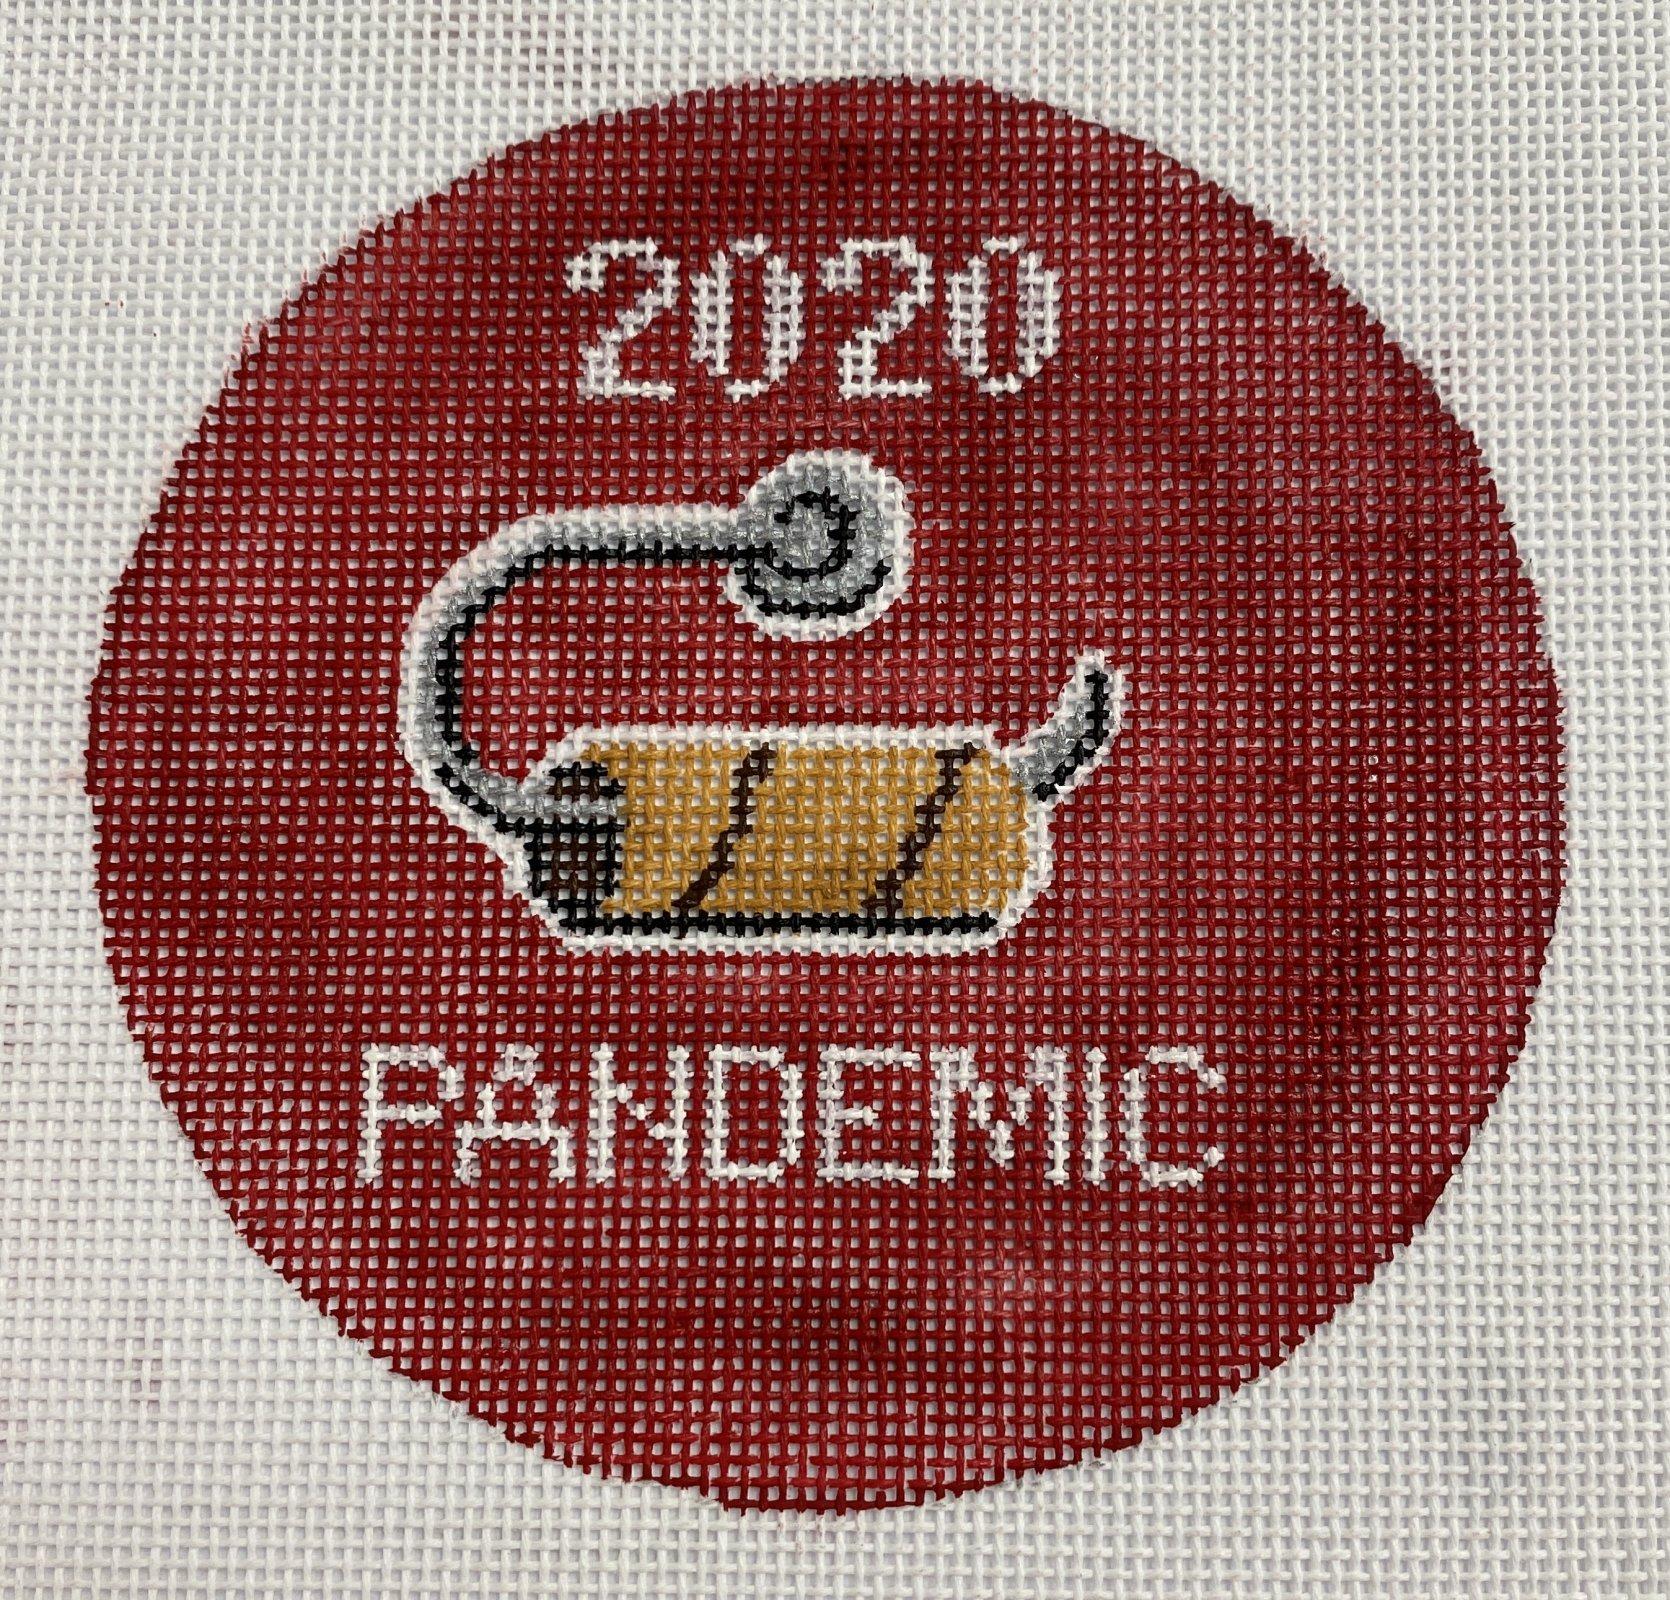 2020 pandemic